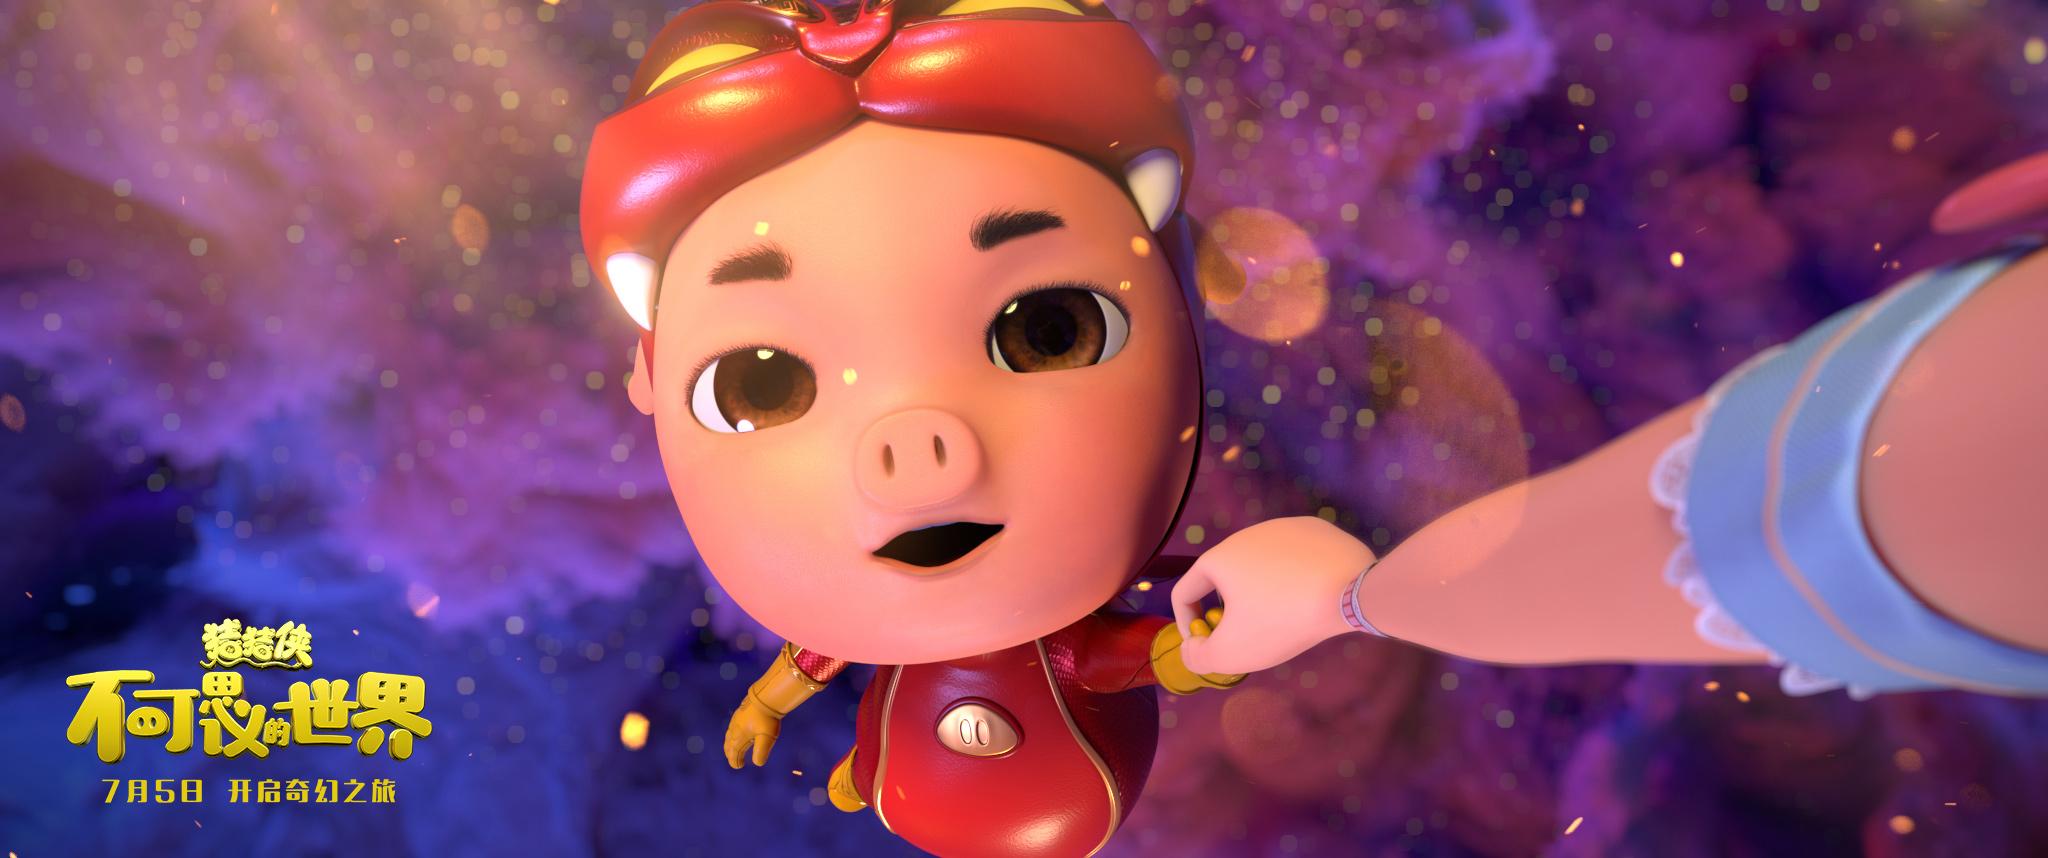 《猪猪侠·不可思议的世界》发布角色版海报